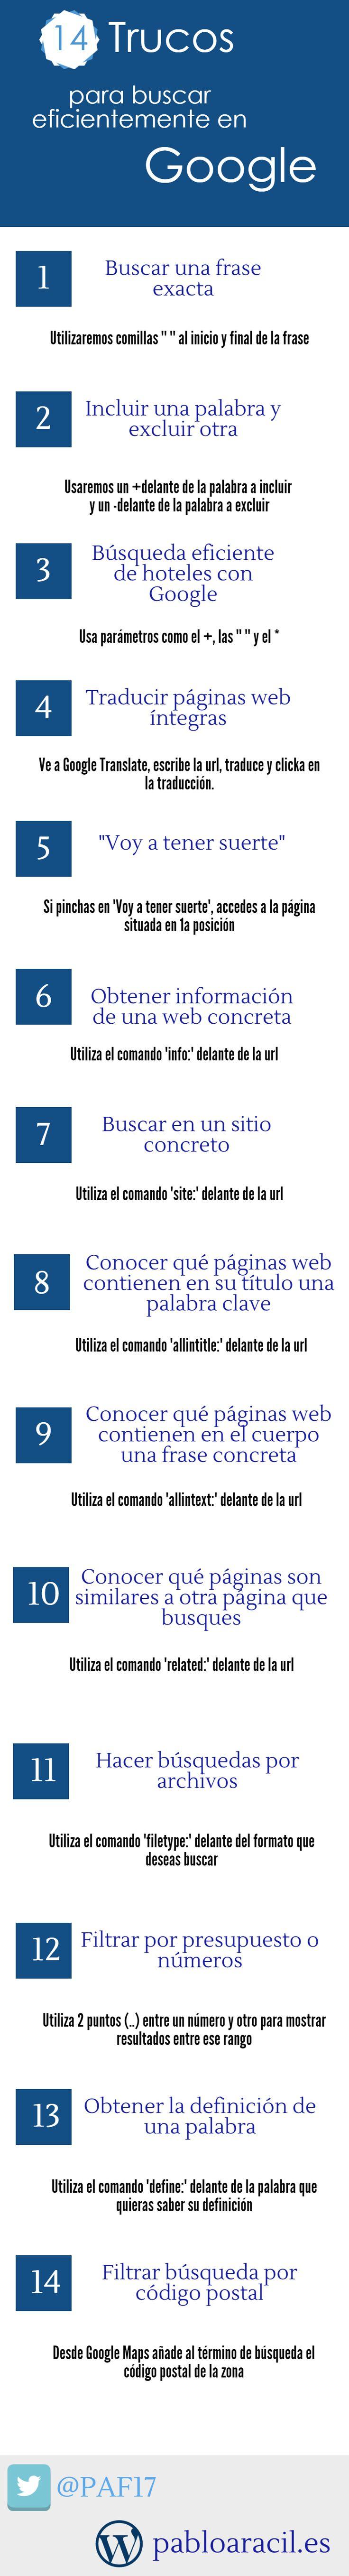 14 trucos pra buscar eficientemente en Google #infografia #infographic